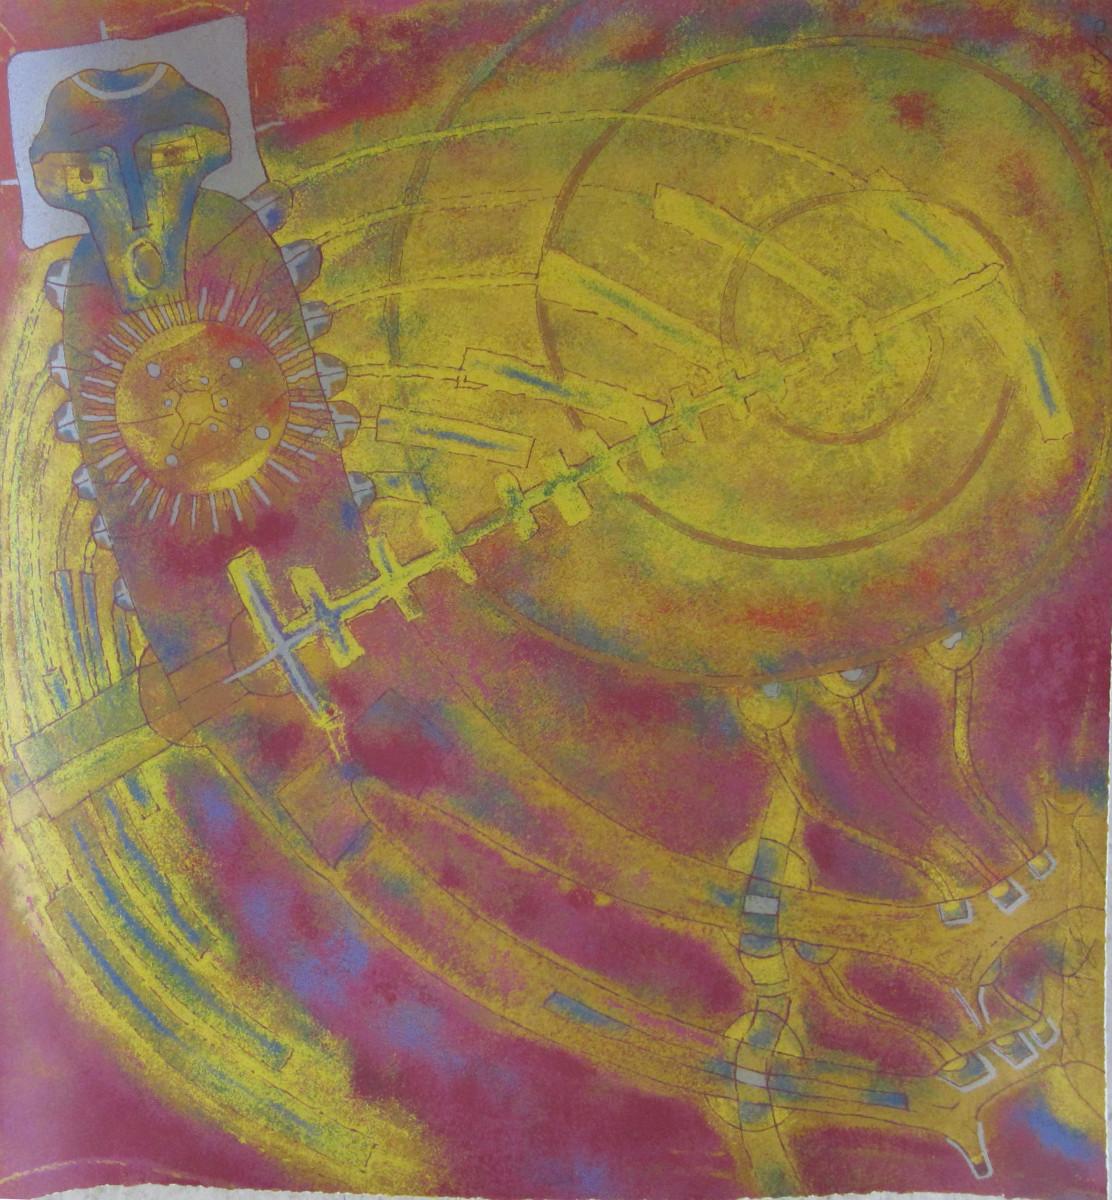 Rolando Rojas, Angel, Metal Engraving, 19.5 x 19.5 in.